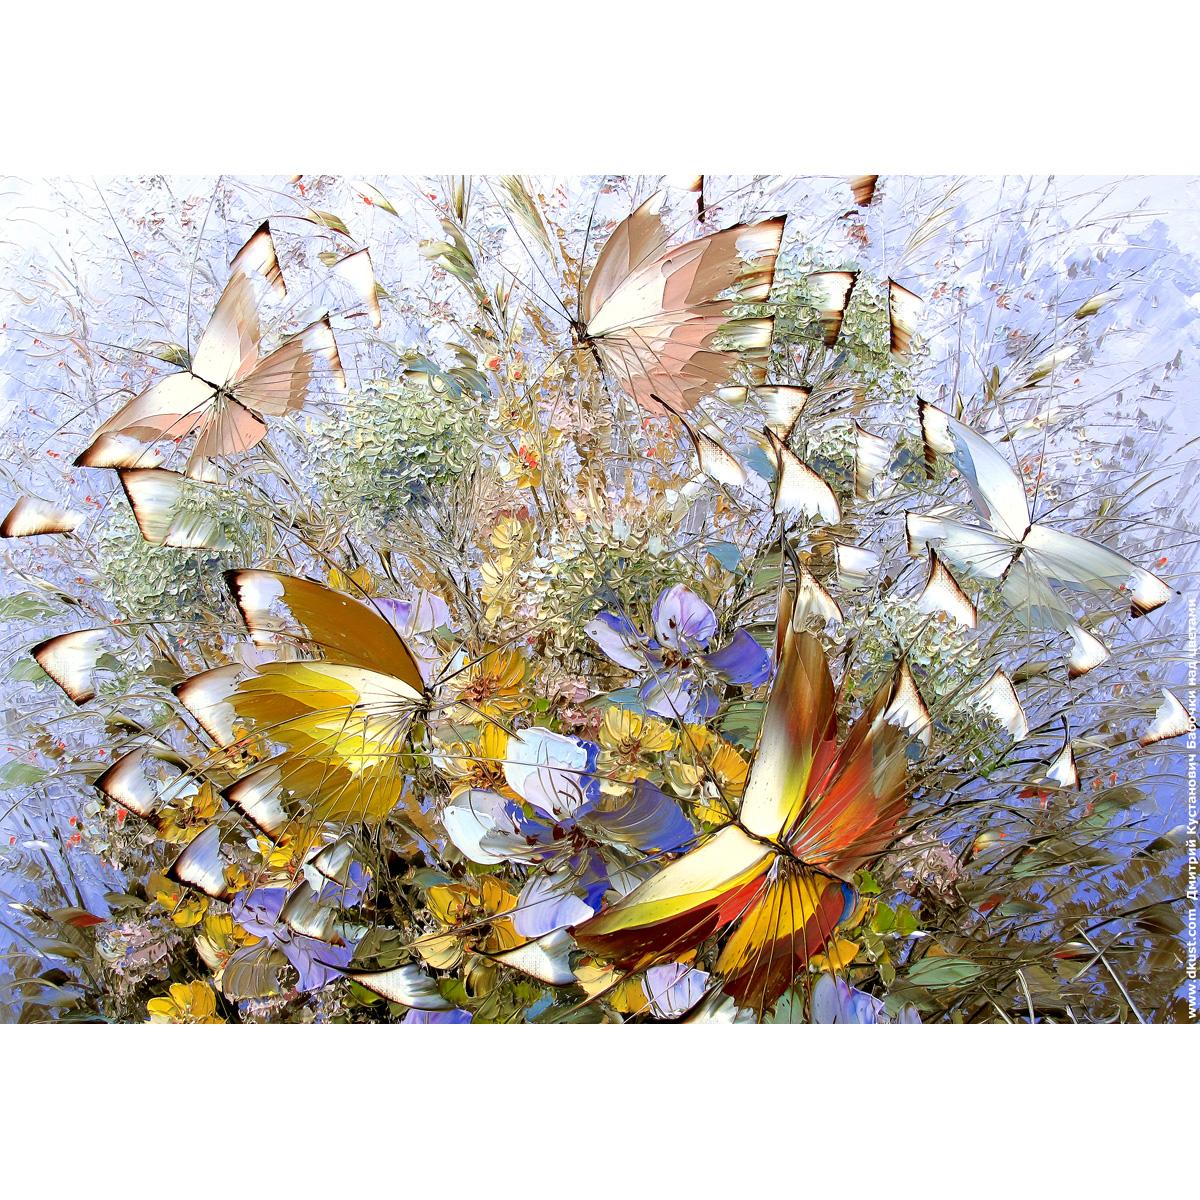 Репродукция по картине Дмитрия Кустановича «Бабочки над цветами»